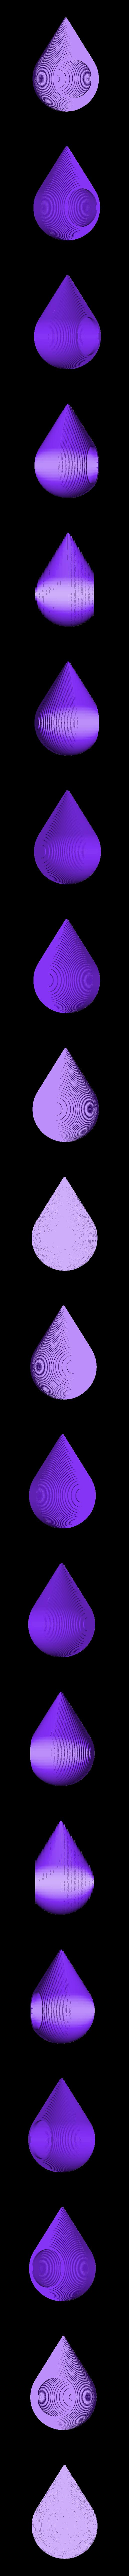 Drop_slice_vertical_3mm.stl Download free STL file Urne • 3D print template, leFabShop